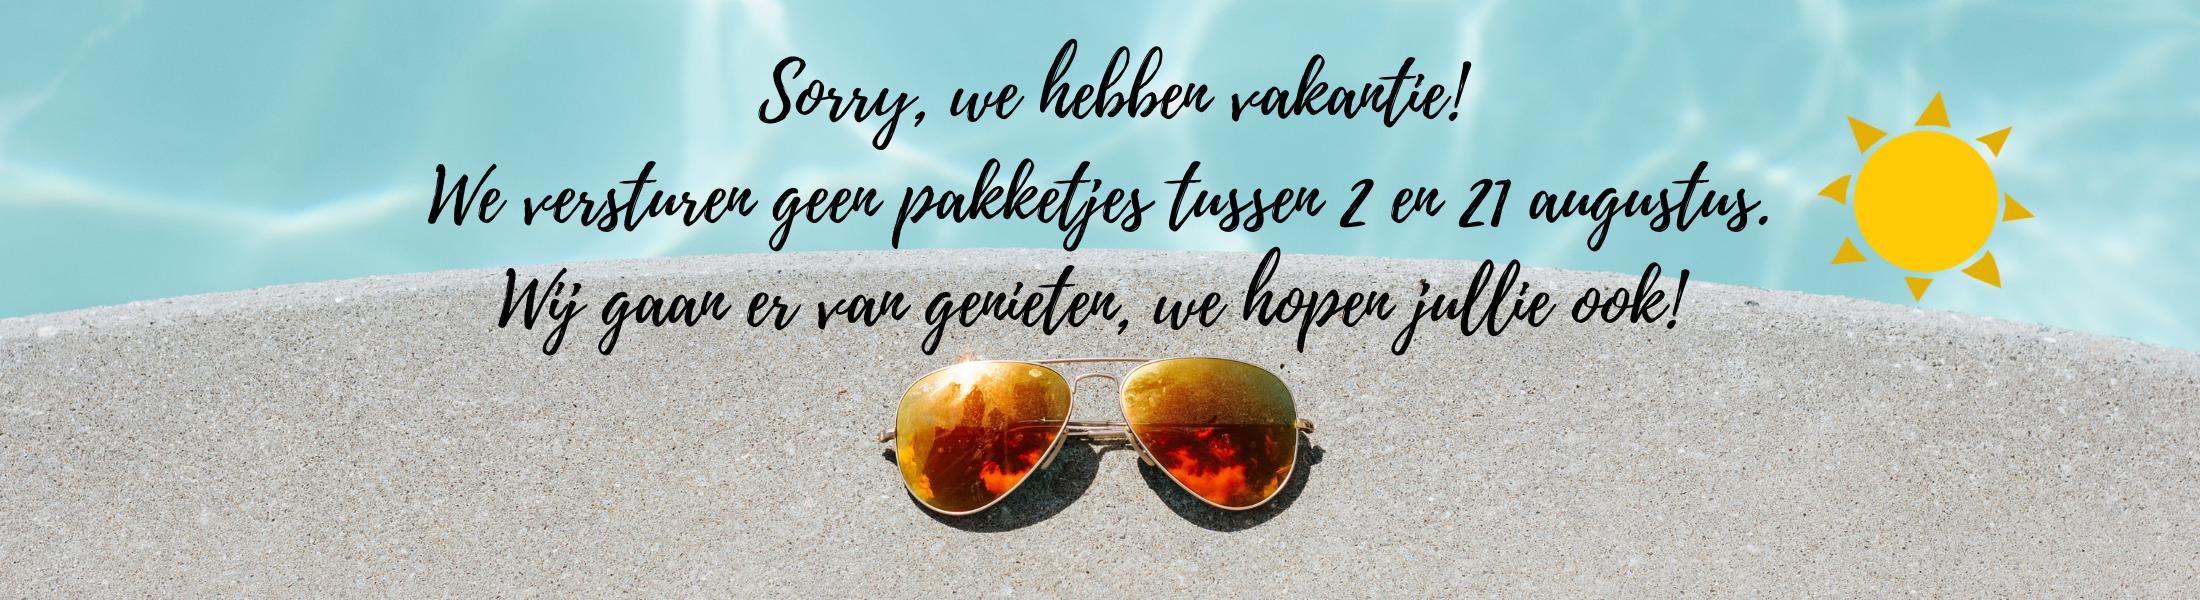 Sorry we hebben vakantie